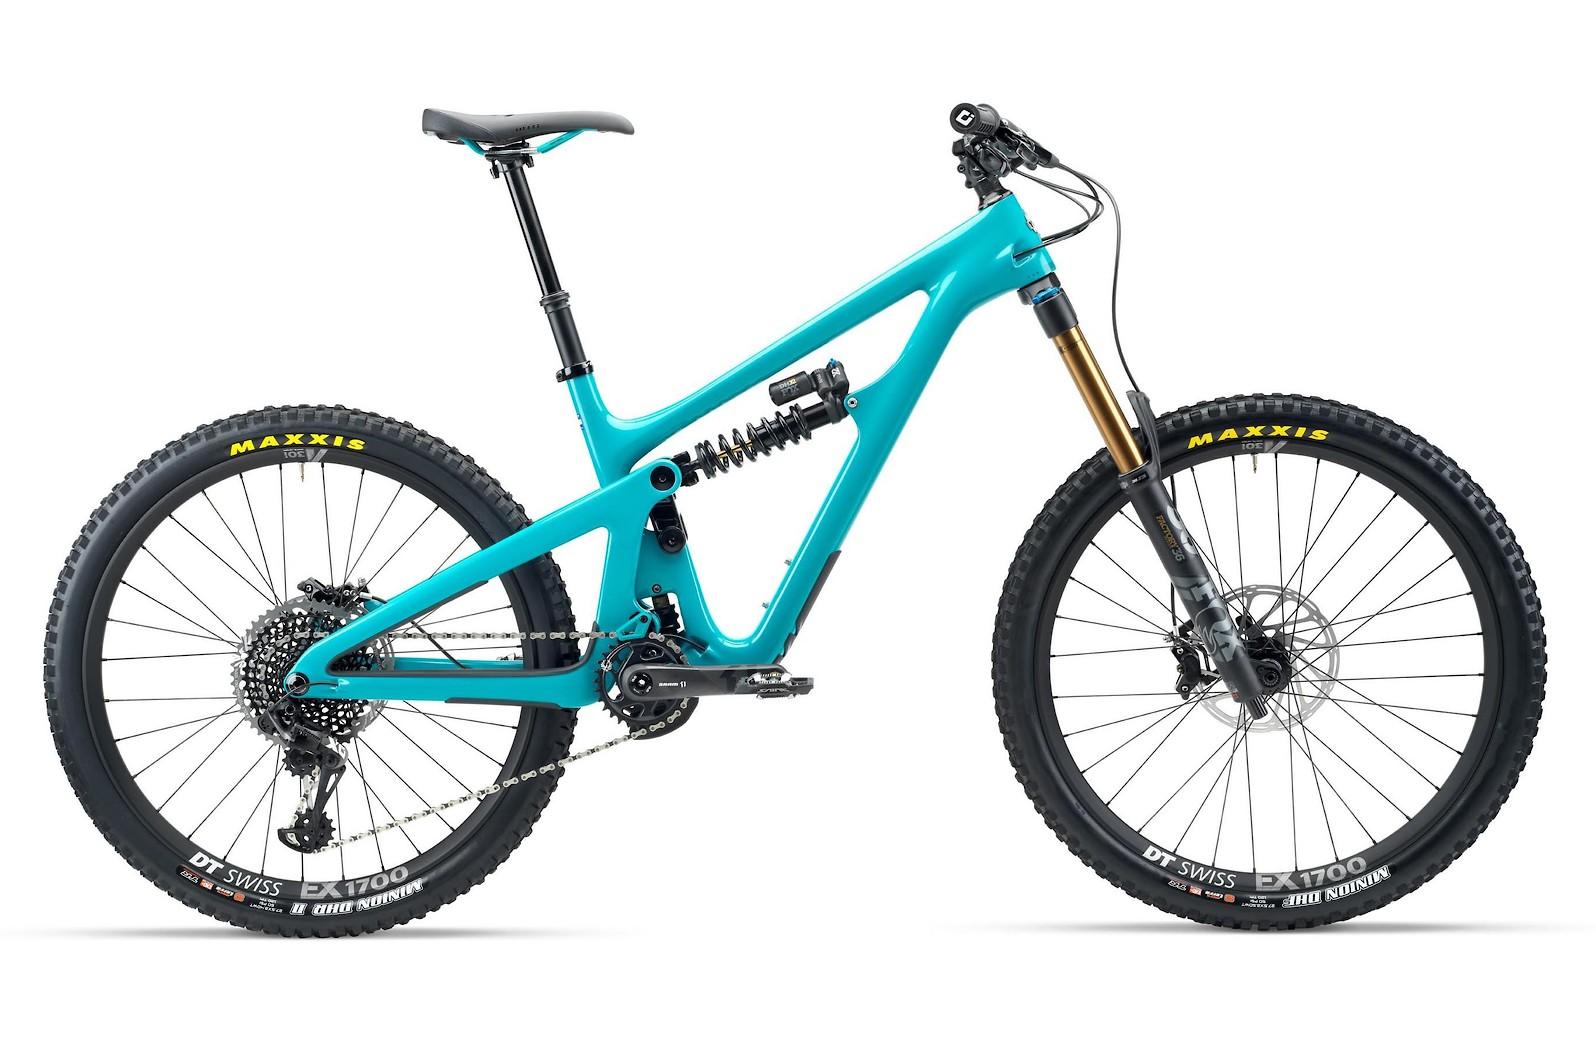 2020 Yeti SB165 T2 (Turquoise)